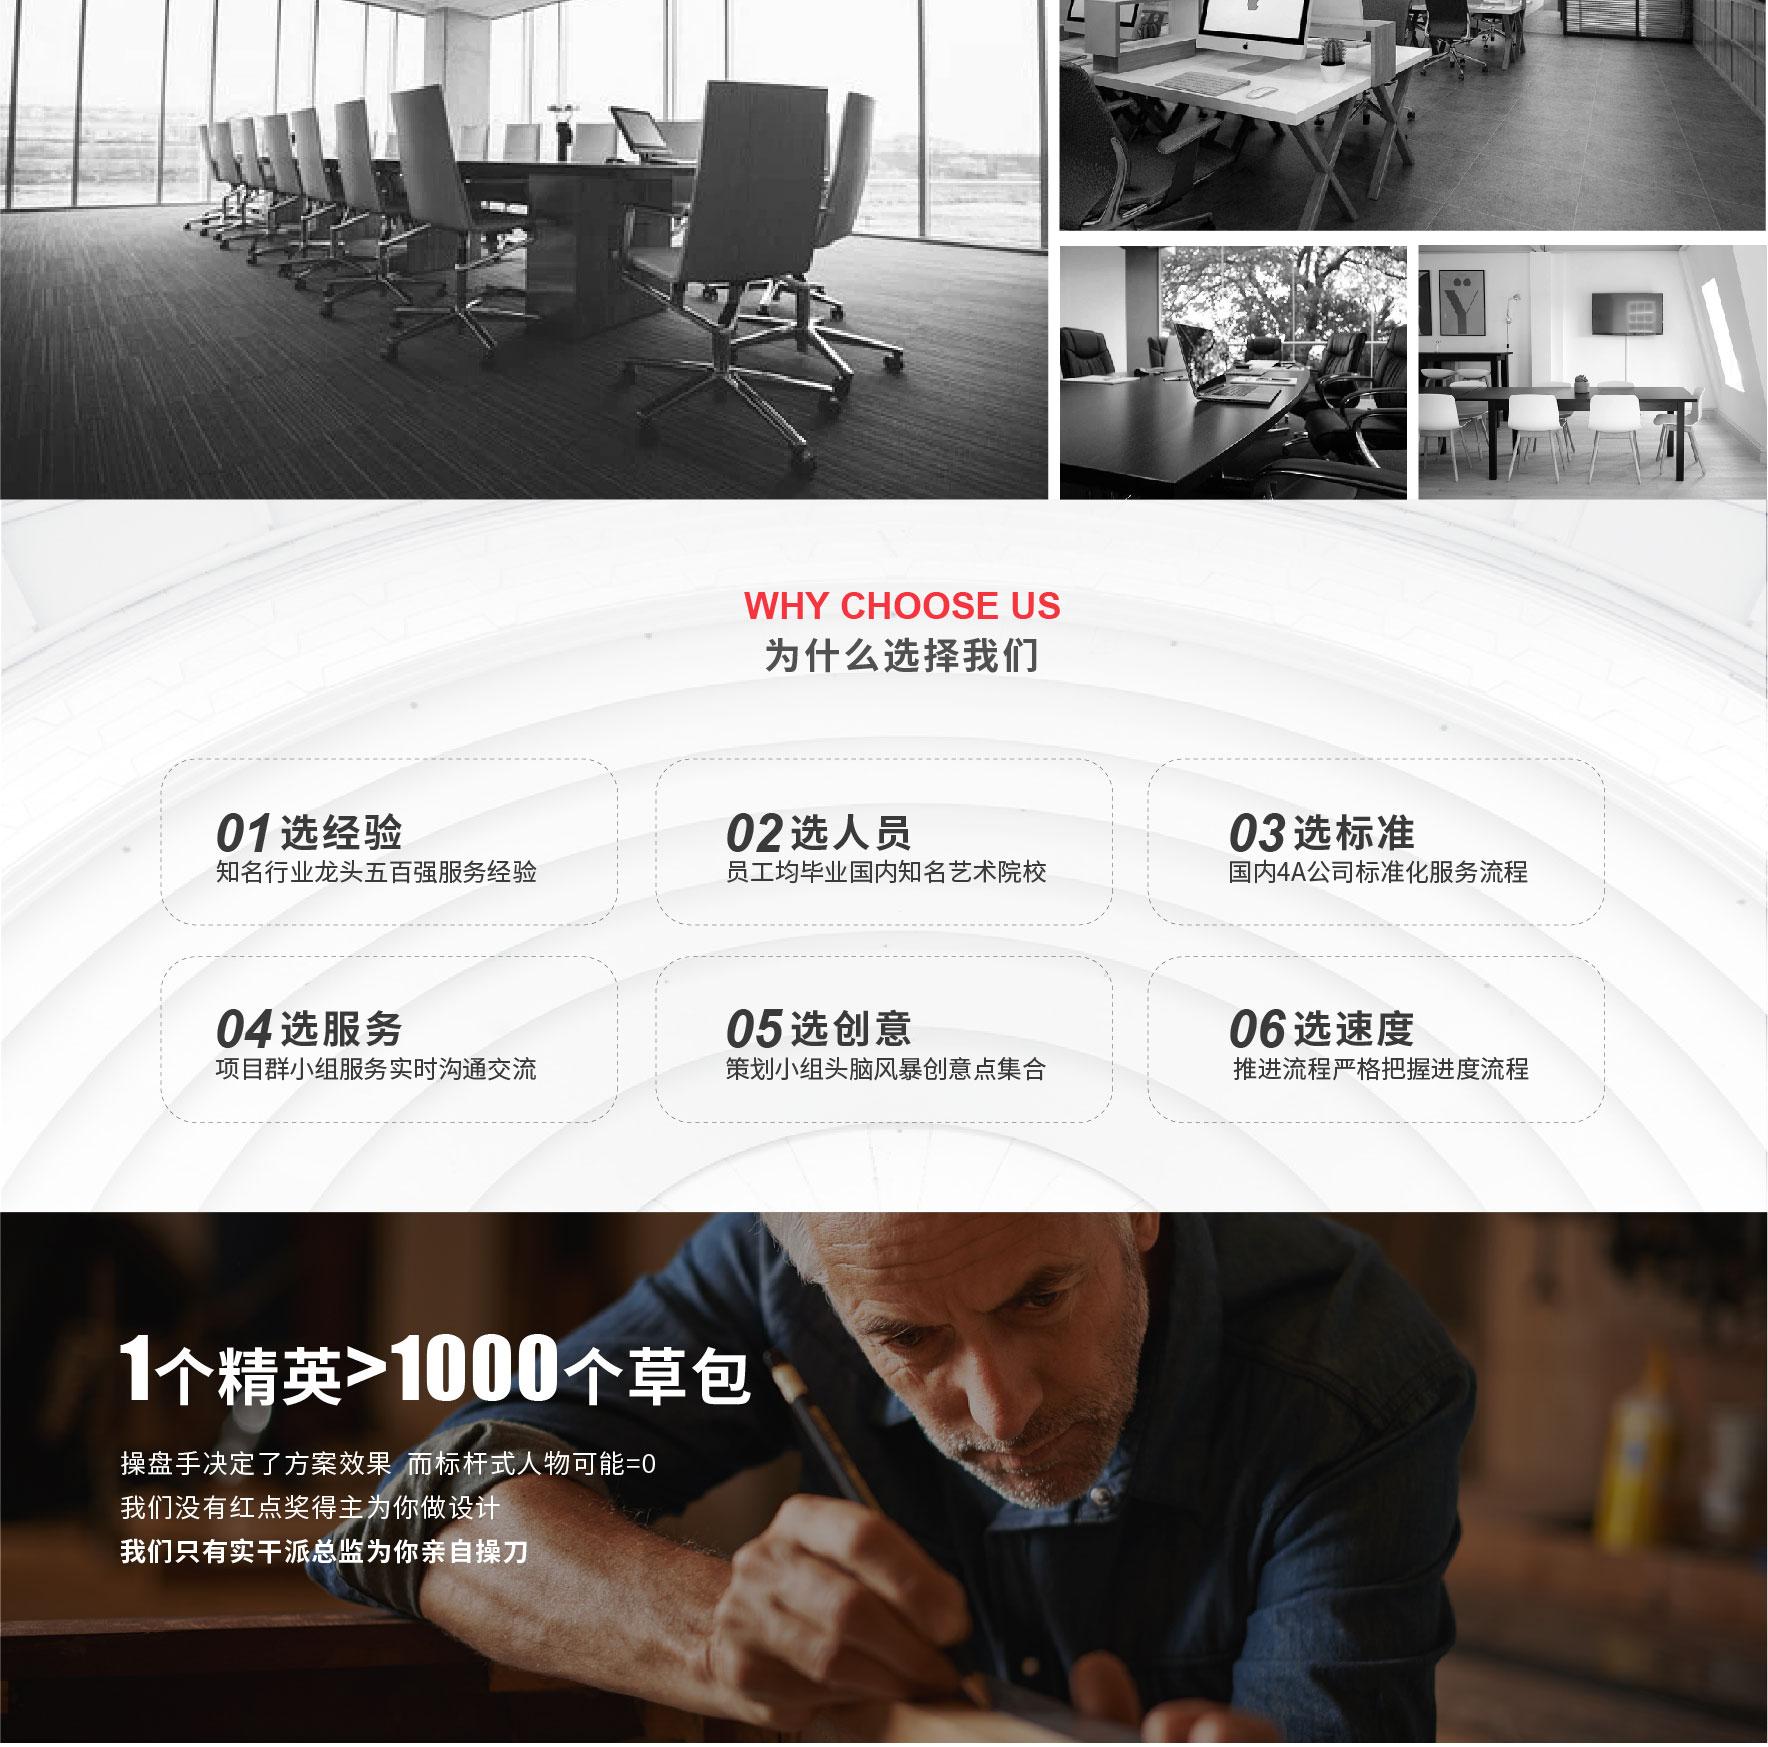 _【总监LOGO】商标设计注册卡通教育公司标志科技平面餐饮品牌4